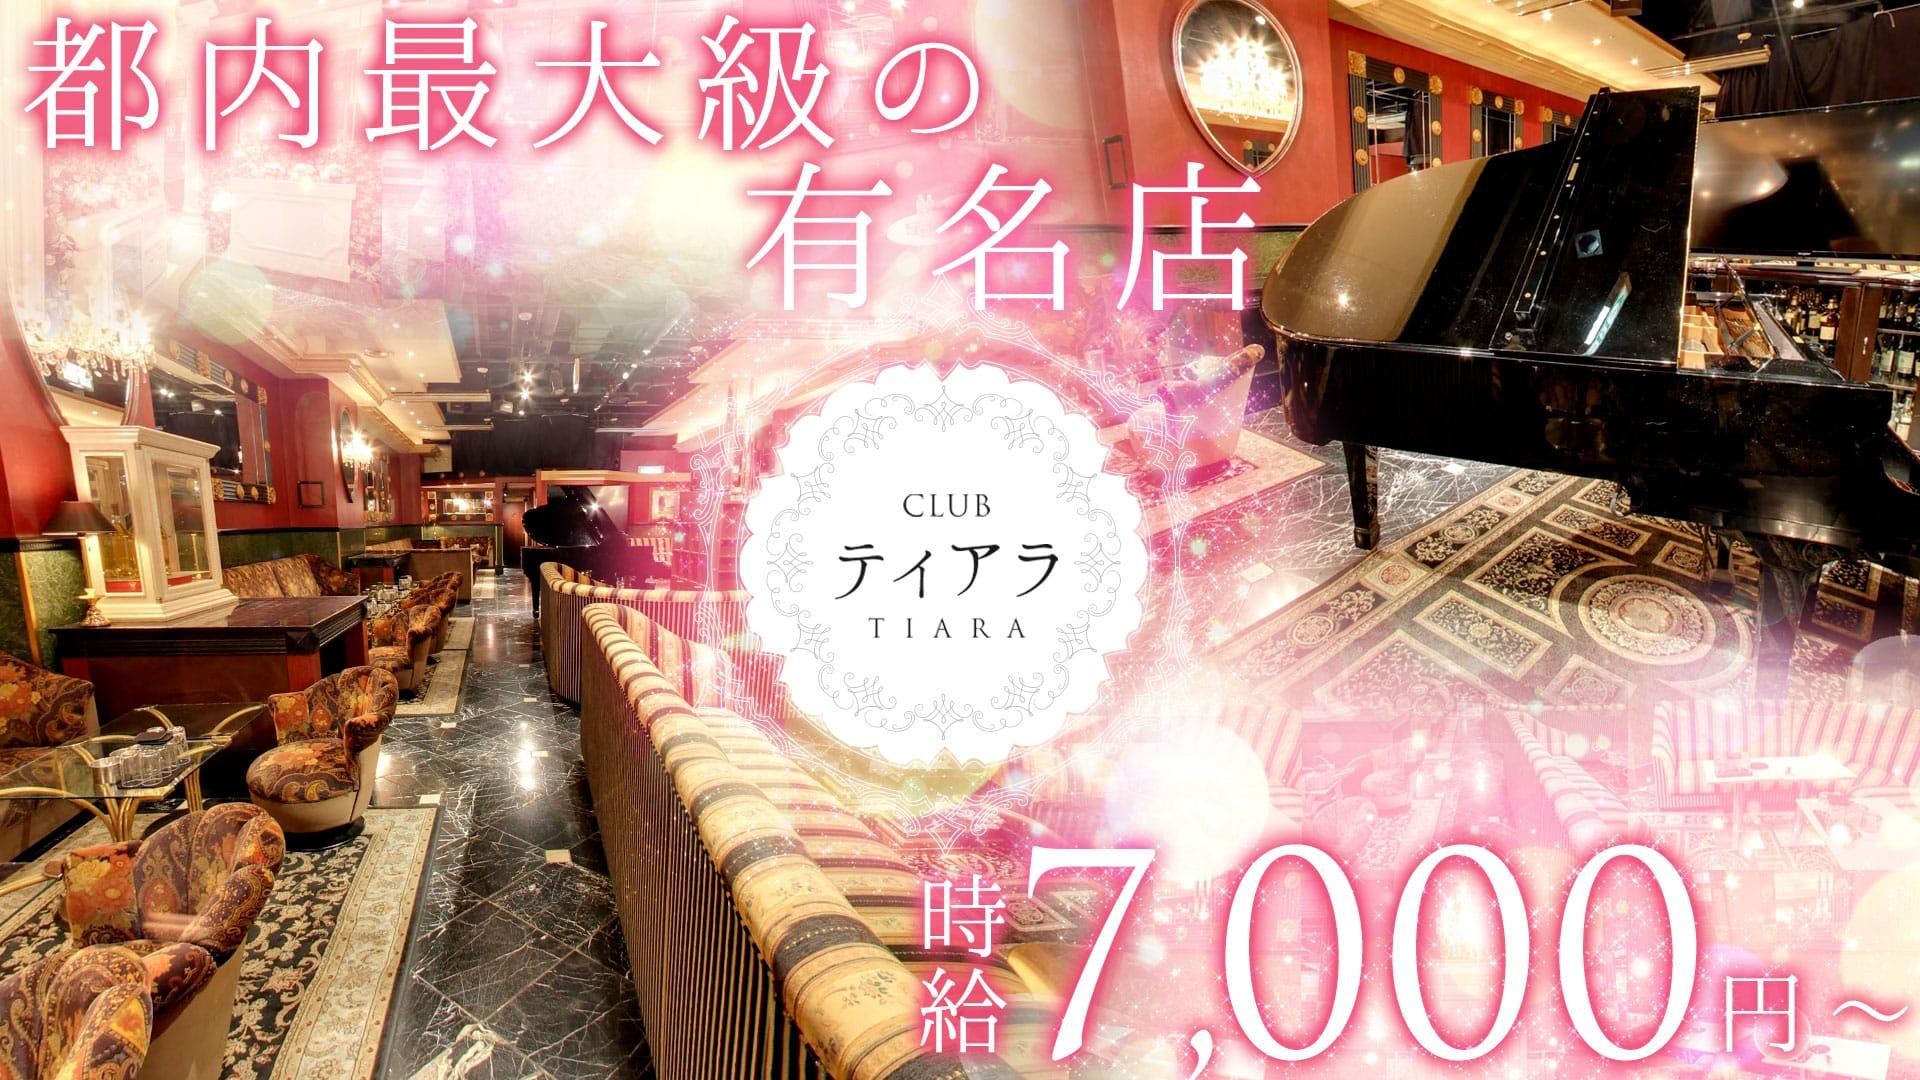 CLUB Tiara ( クラブ ティアラ) 上野キャバクラ TOP画像